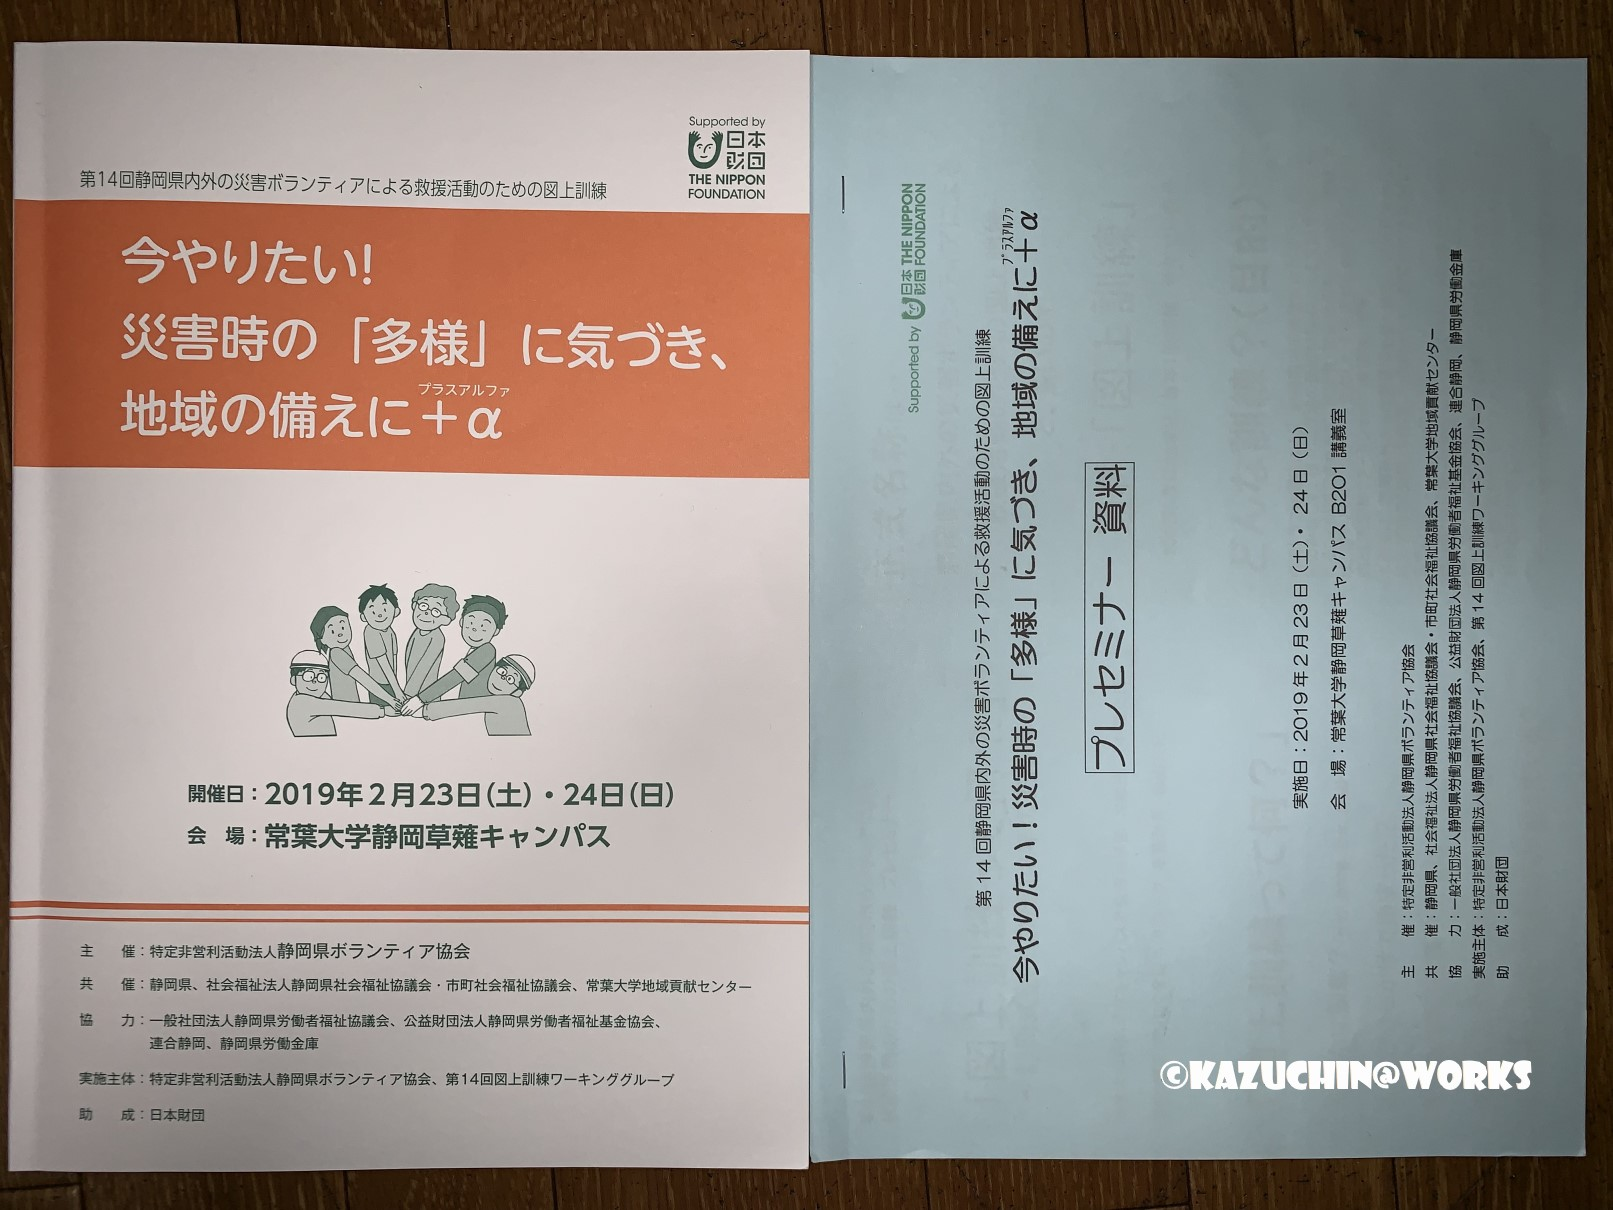 第14回 静岡県 ~ 図上訓練